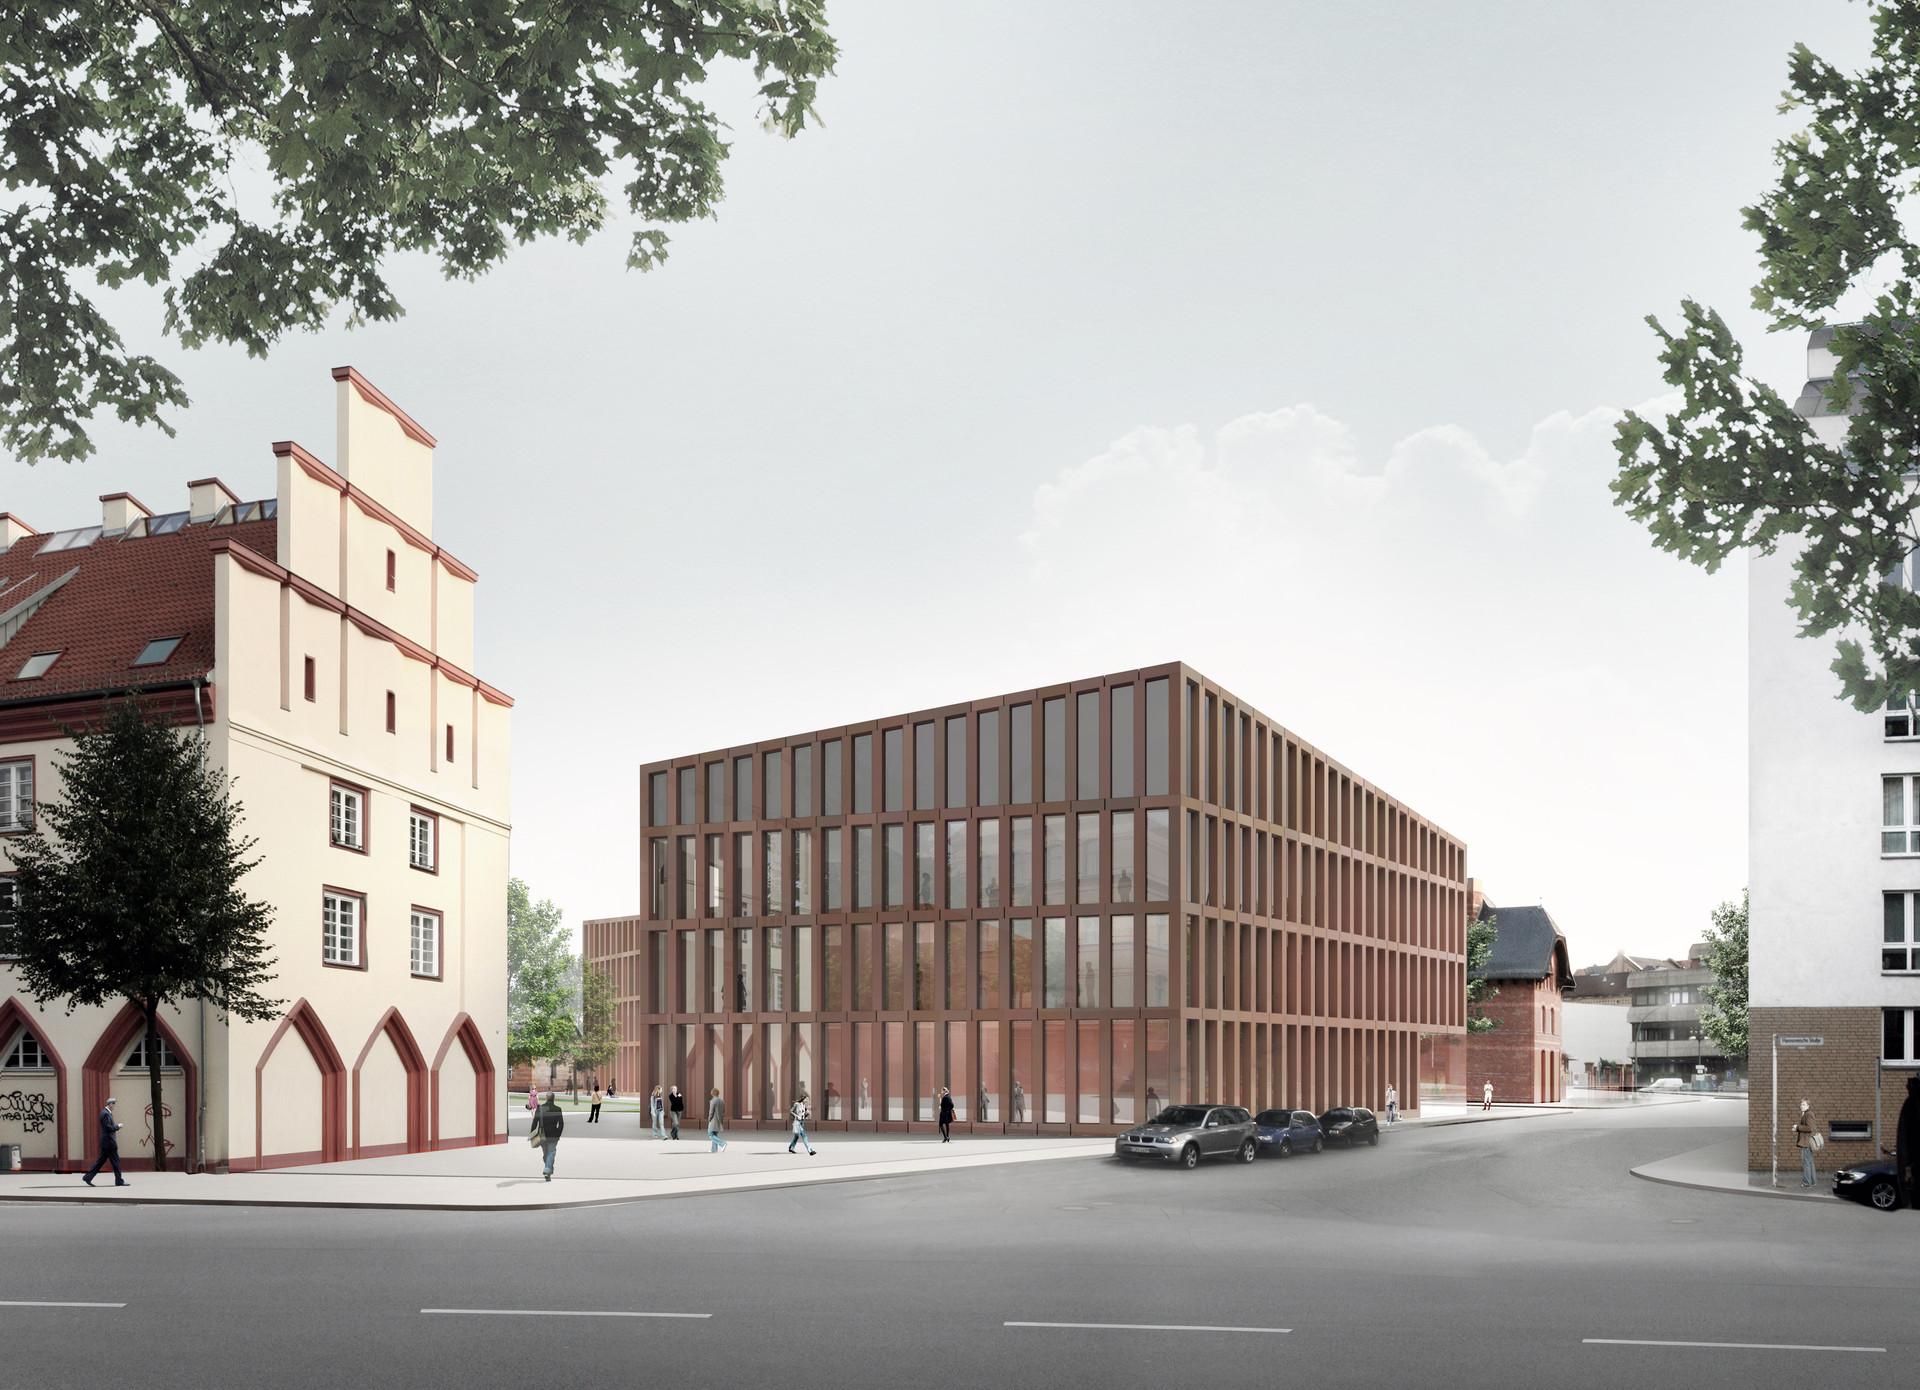 Forschungs- und Laborgebäude für Lebenswissenschaften, HU- Campus Nord, Berlin